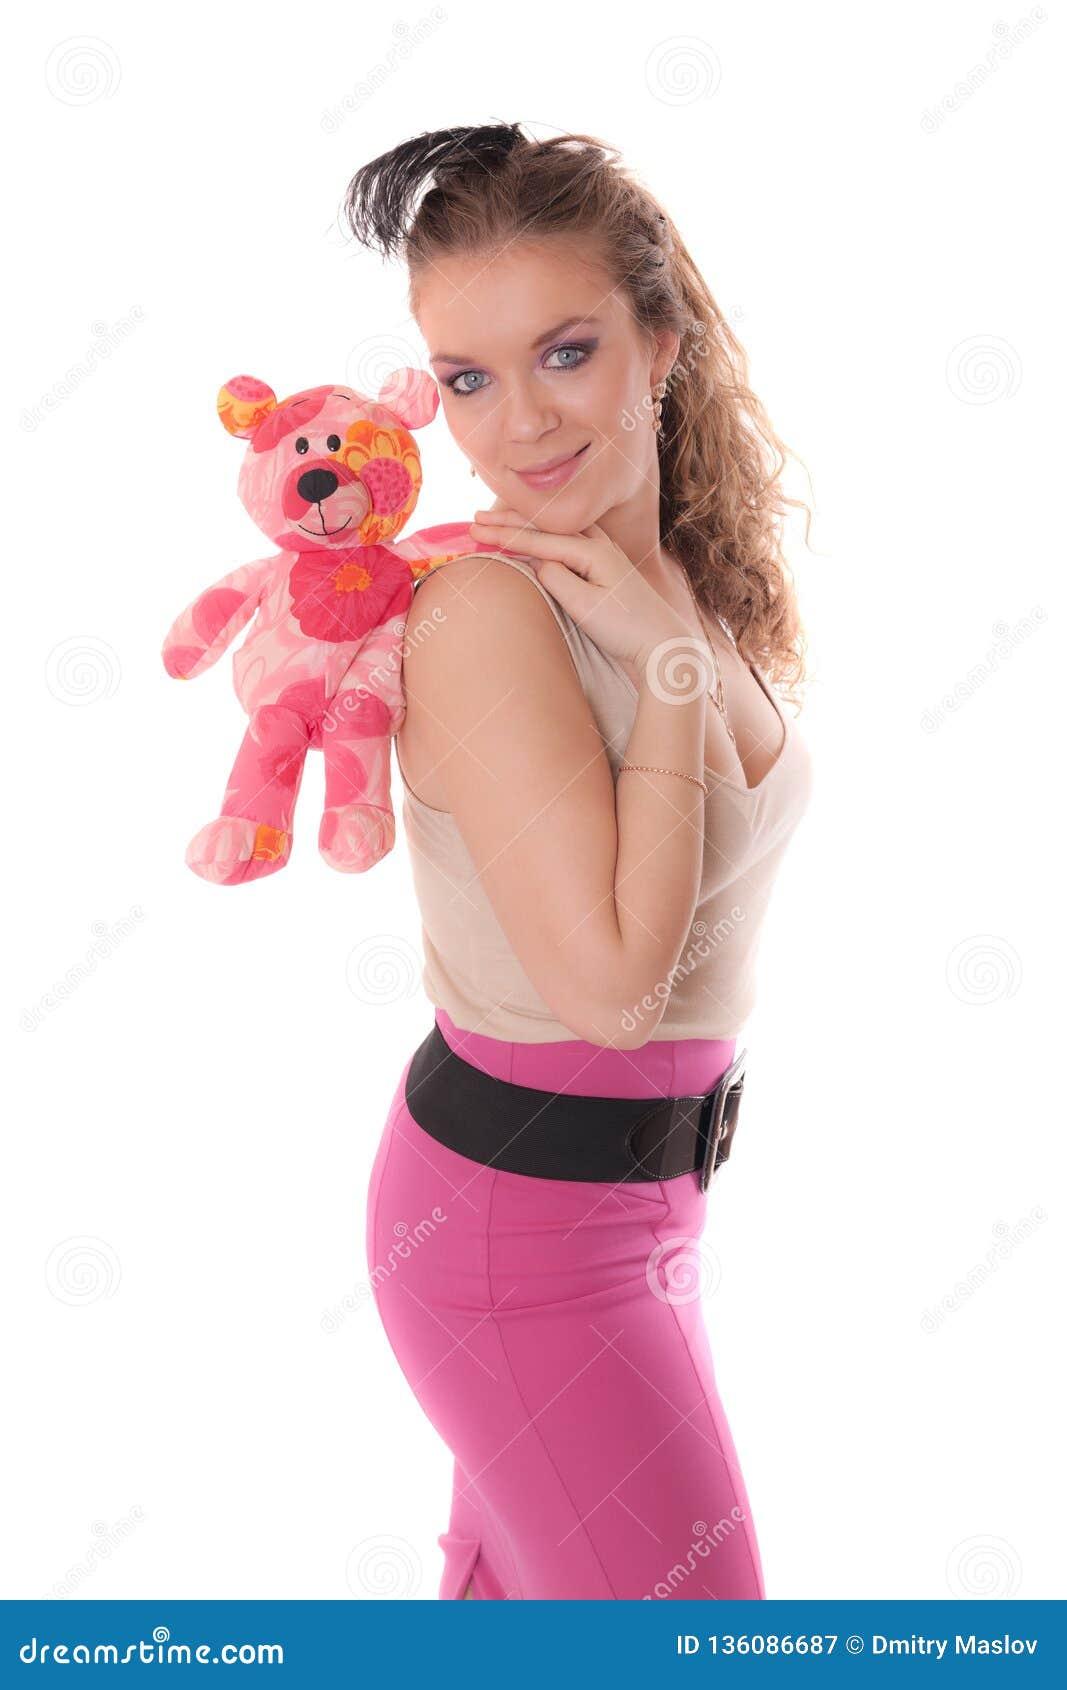 Фото девушек с игрушками крейзи лав — 10